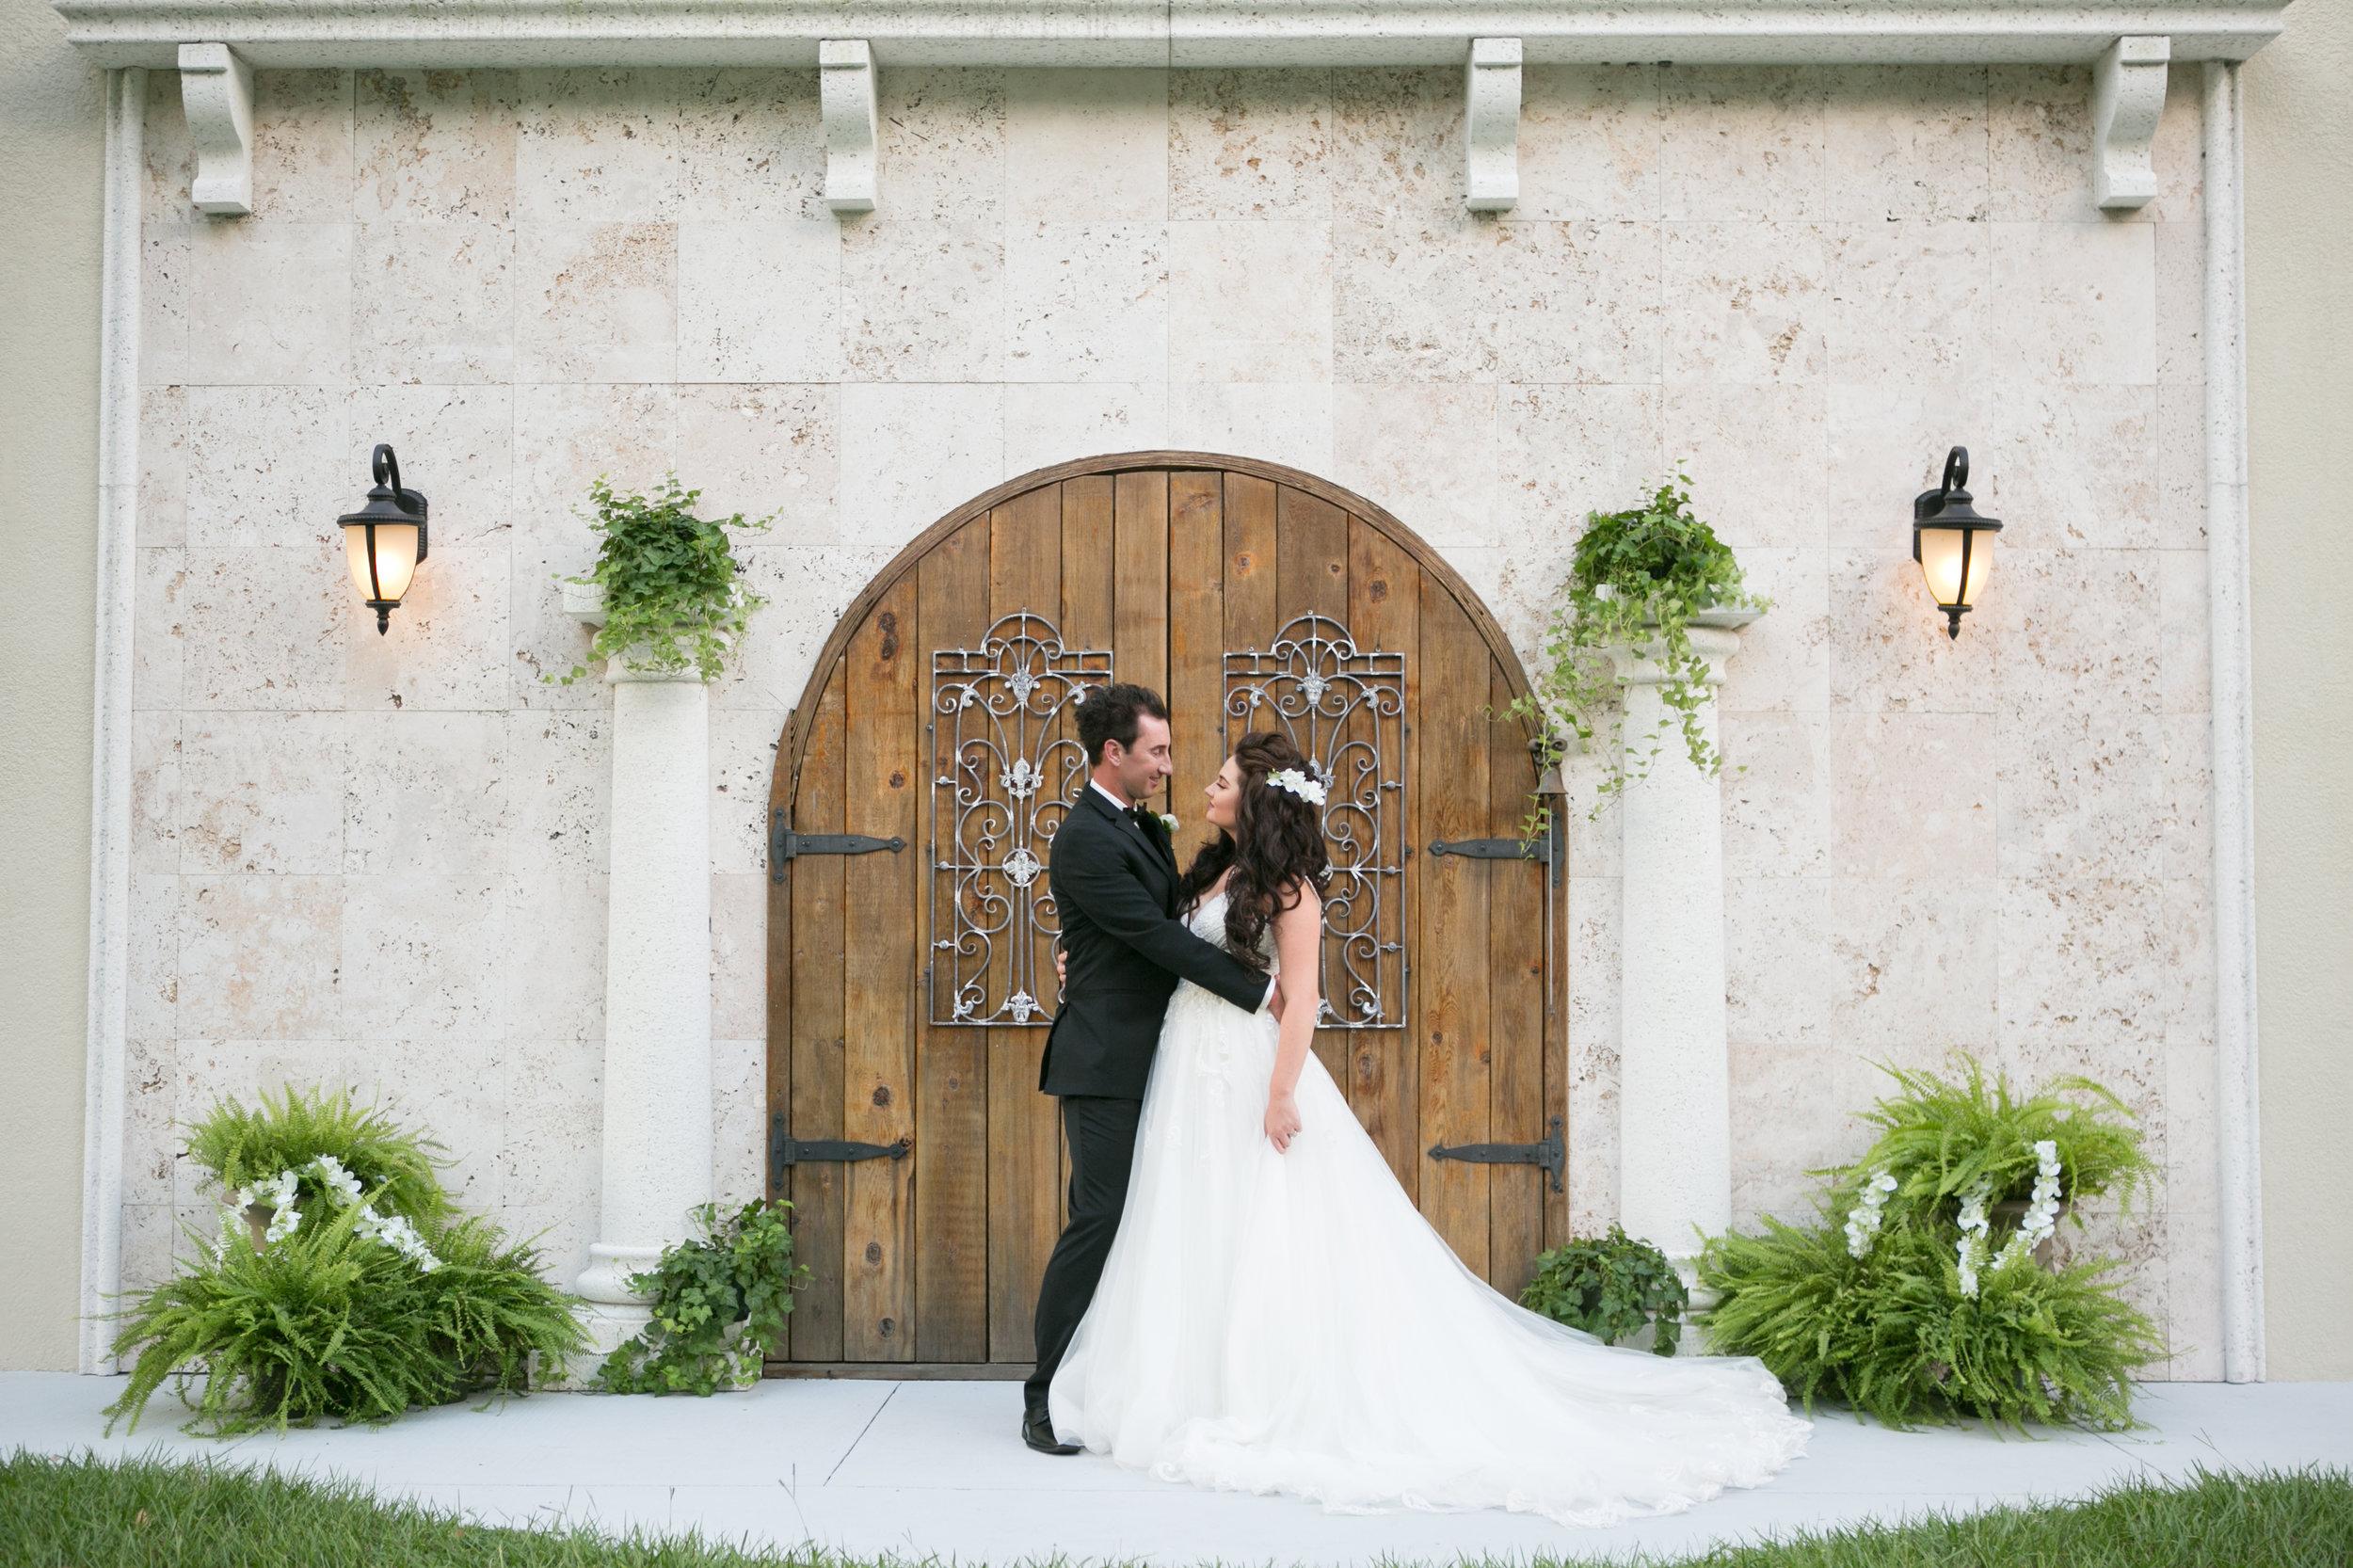 Bakers Ranch Weddings